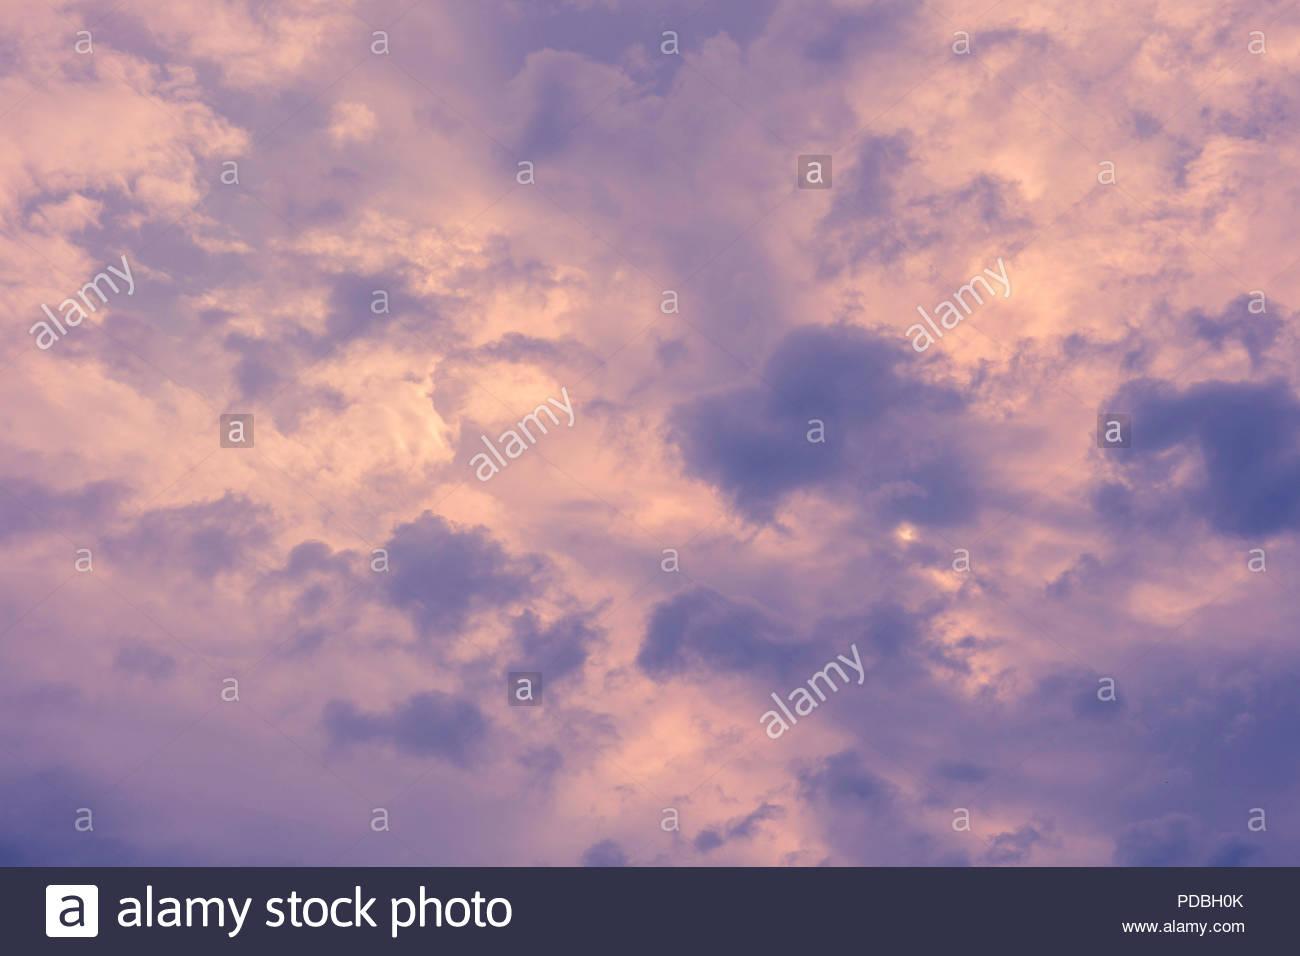 Por la mañana cielo amenazante con stratus fractus pannus nimbostratus y nubes de lluvia en el forcast Imagen De Stock